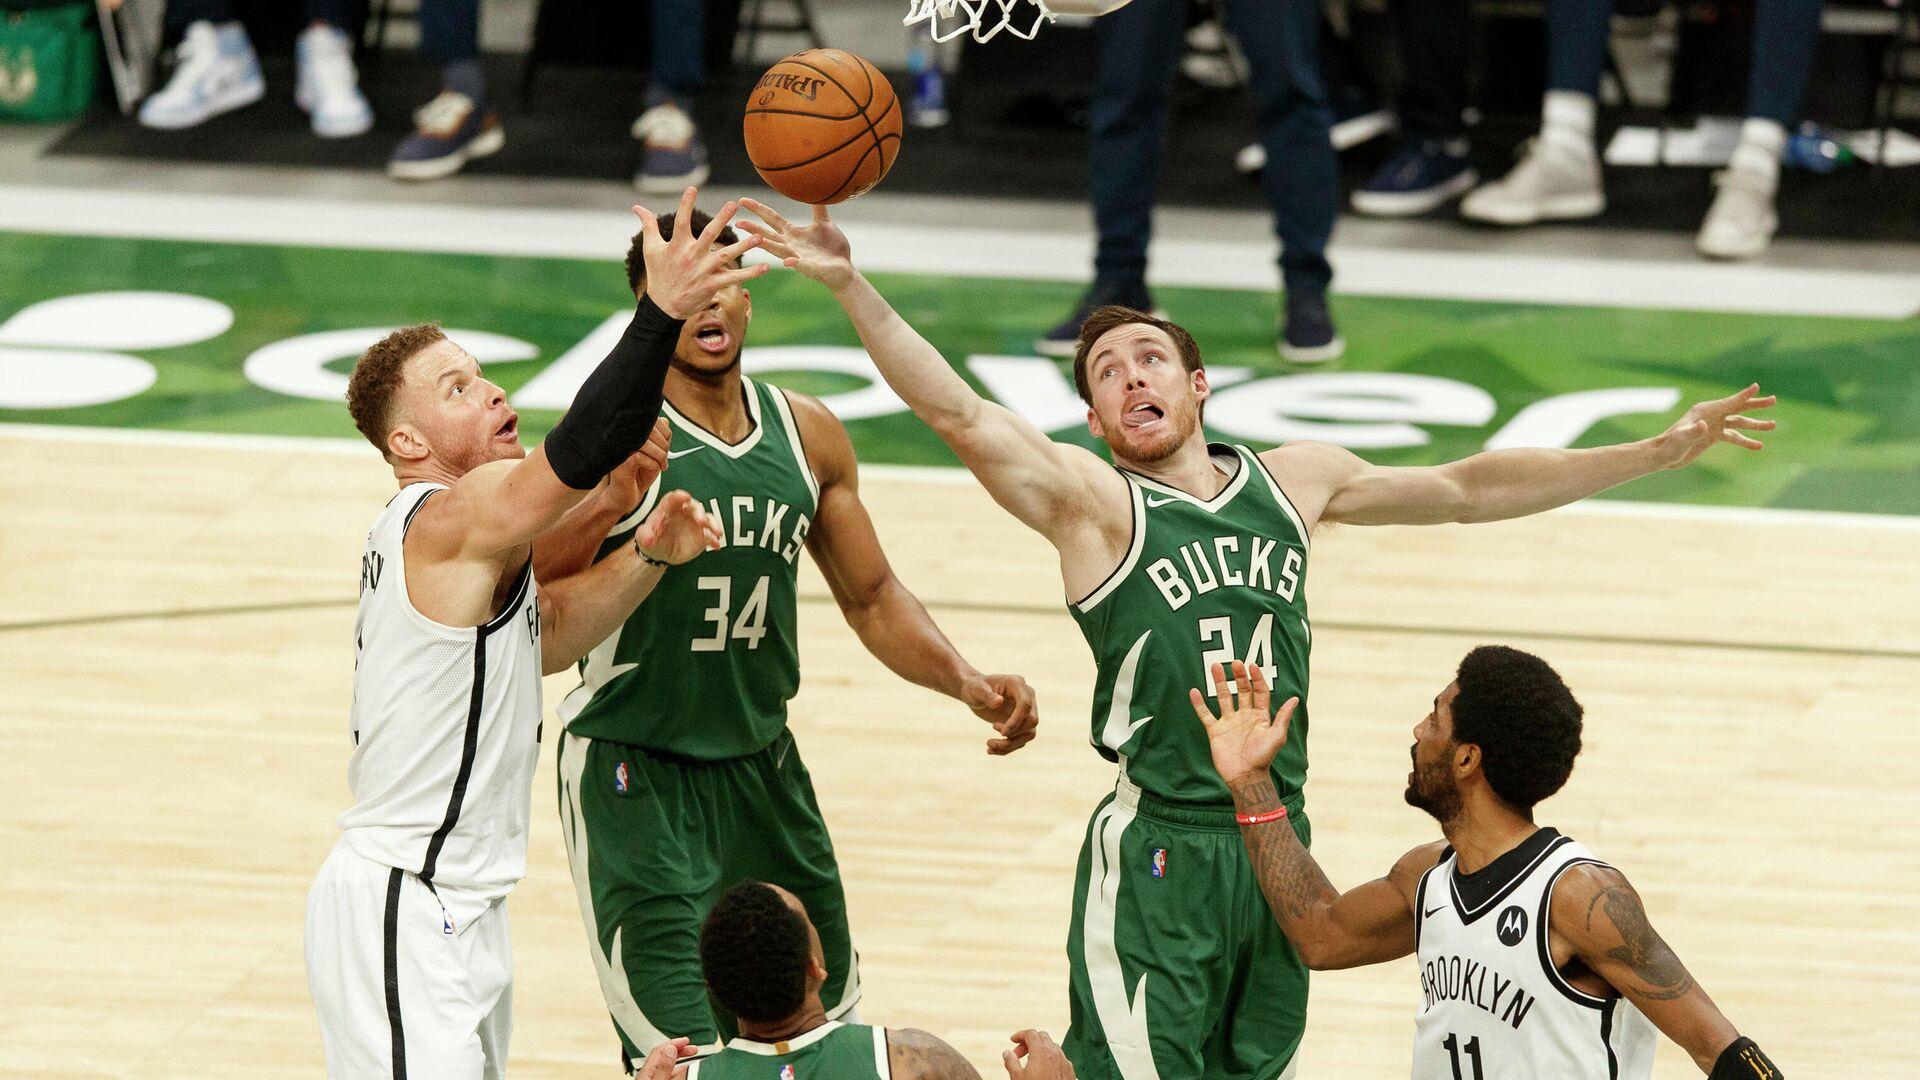 Игровой момент матча НБА Милуоки - Бруклин - РИА Новости, 1920, 03.05.2021